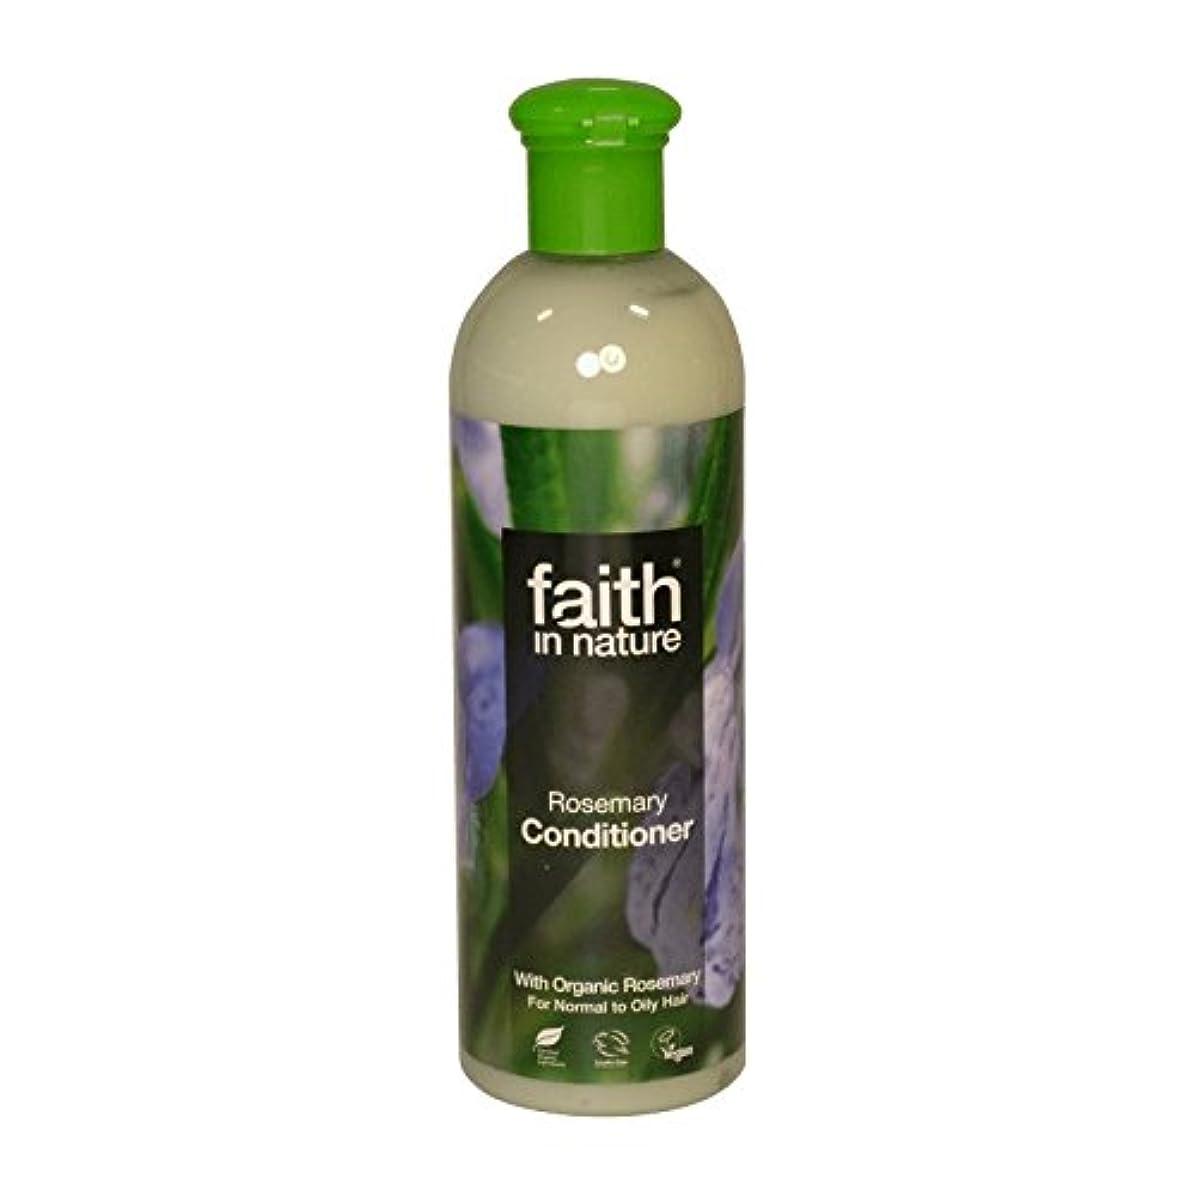 シェフ付属品政令Faith in Nature Rosemary Conditioner 400ml (Pack of 2) - 自然ローズマリーコンディショナー400ミリリットルの信仰 (x2) [並行輸入品]